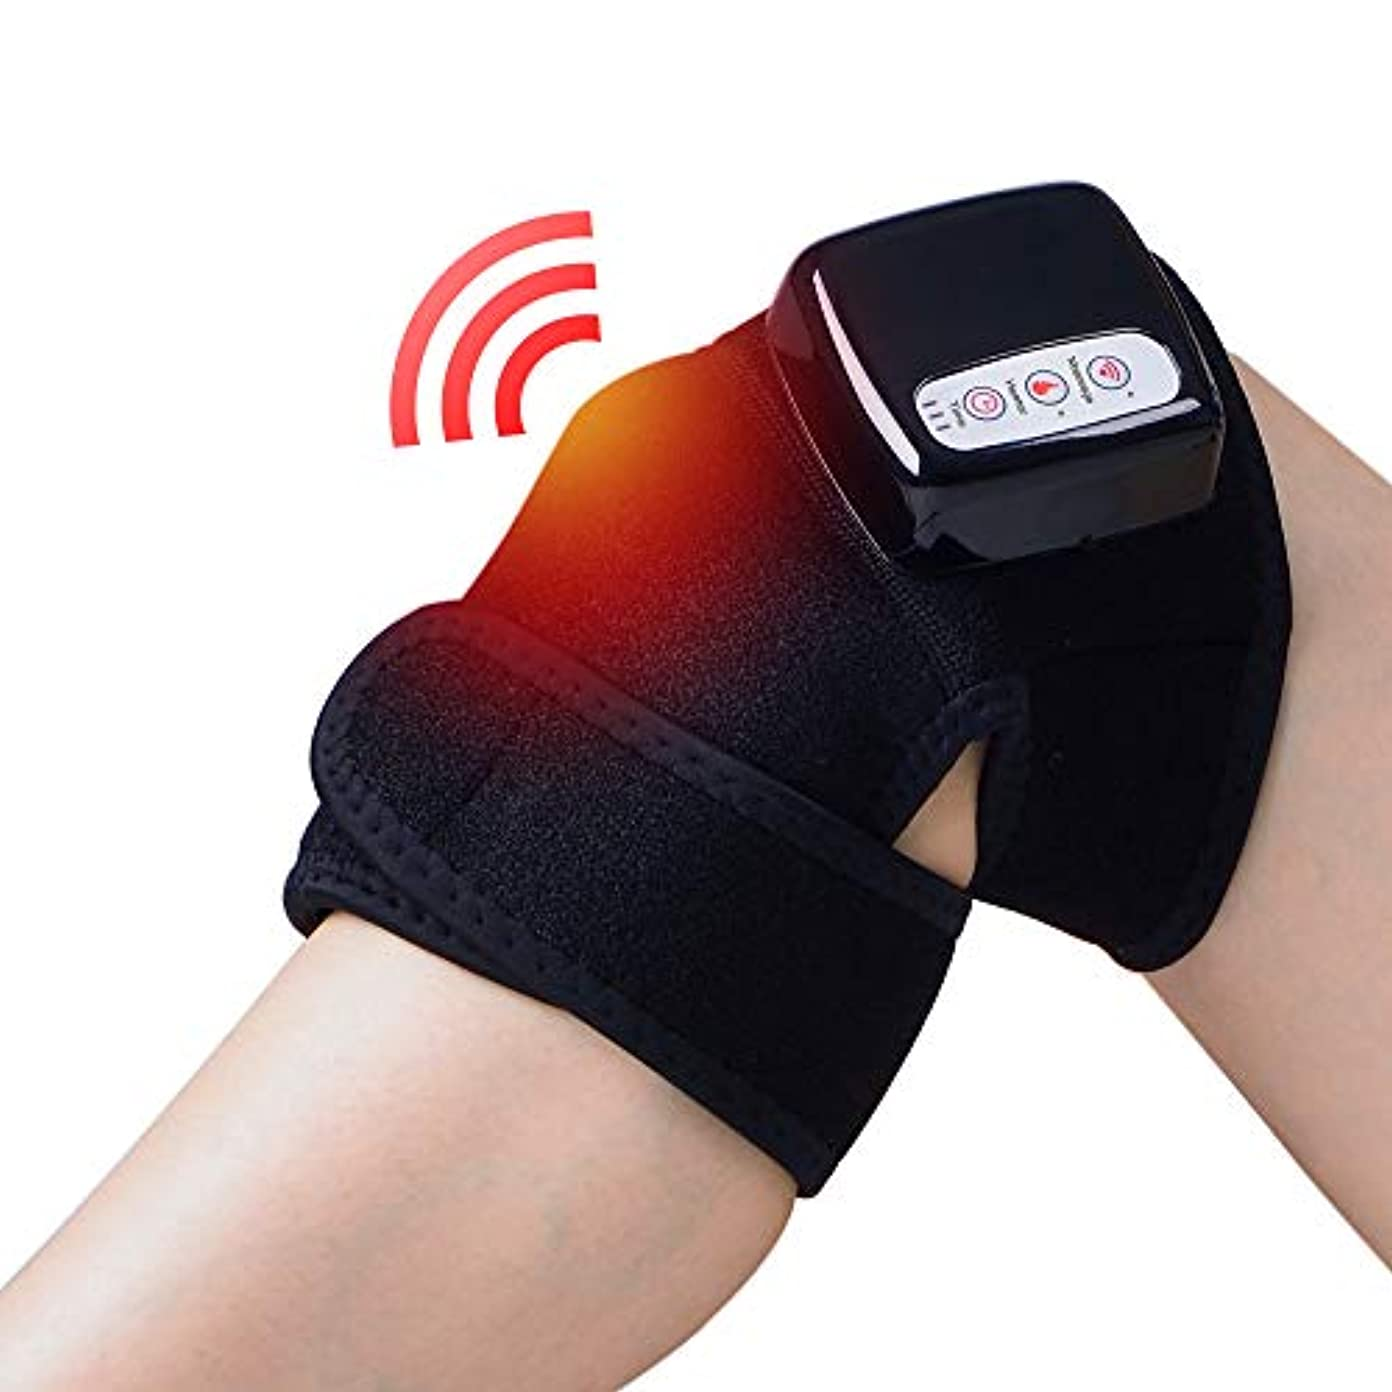 手順事務所説明的Chuangyue 膝関節加熱マッサージ マッサージ器 フットマッサージャー ひざ マッサージャー 振動 赤外線療法 温熱療法 膝サポーター ストレス解消 膝マット 太もも/腕対応